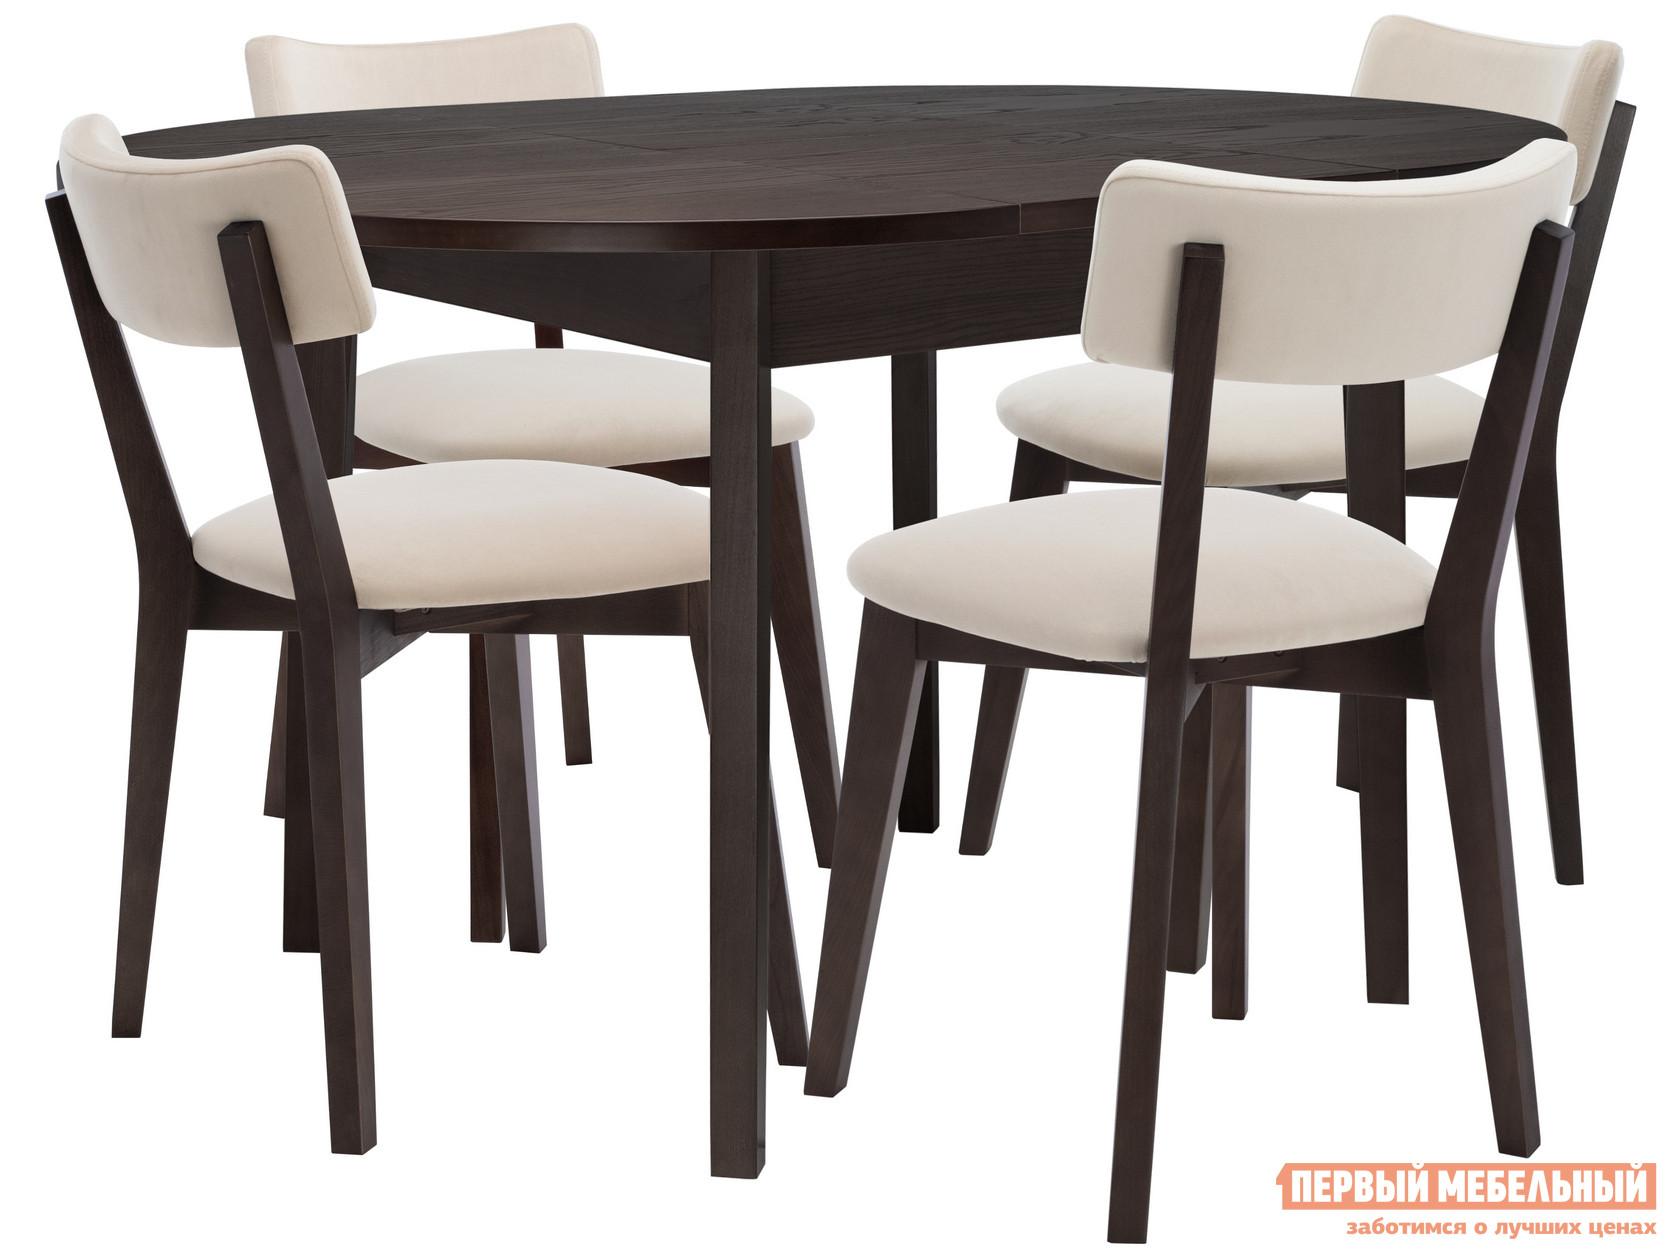 Обеденная группа для столовой и гостиной  Обеденная группа Говард Венге — Обеденная группа Говард Венге